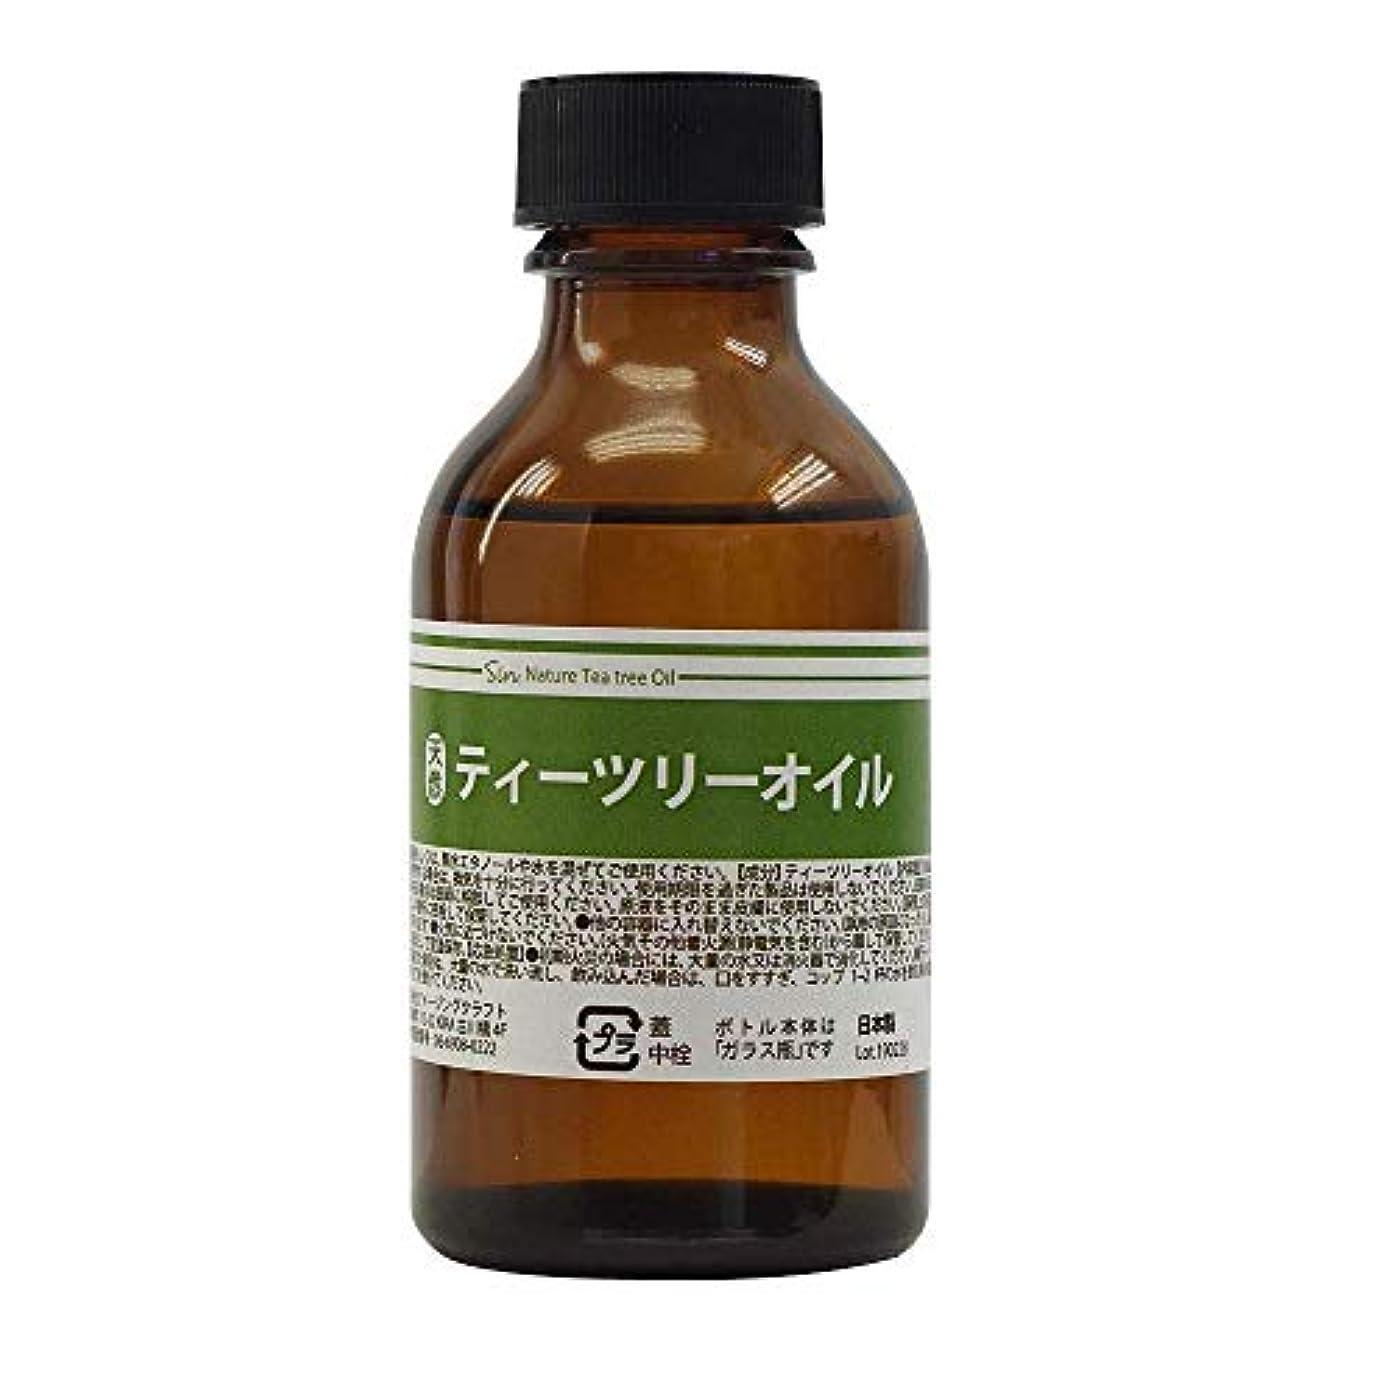 メガロポリスハーネス酸っぱいオーストラリア産 天然100% ティーツリーオイル 100ml アロマオイル